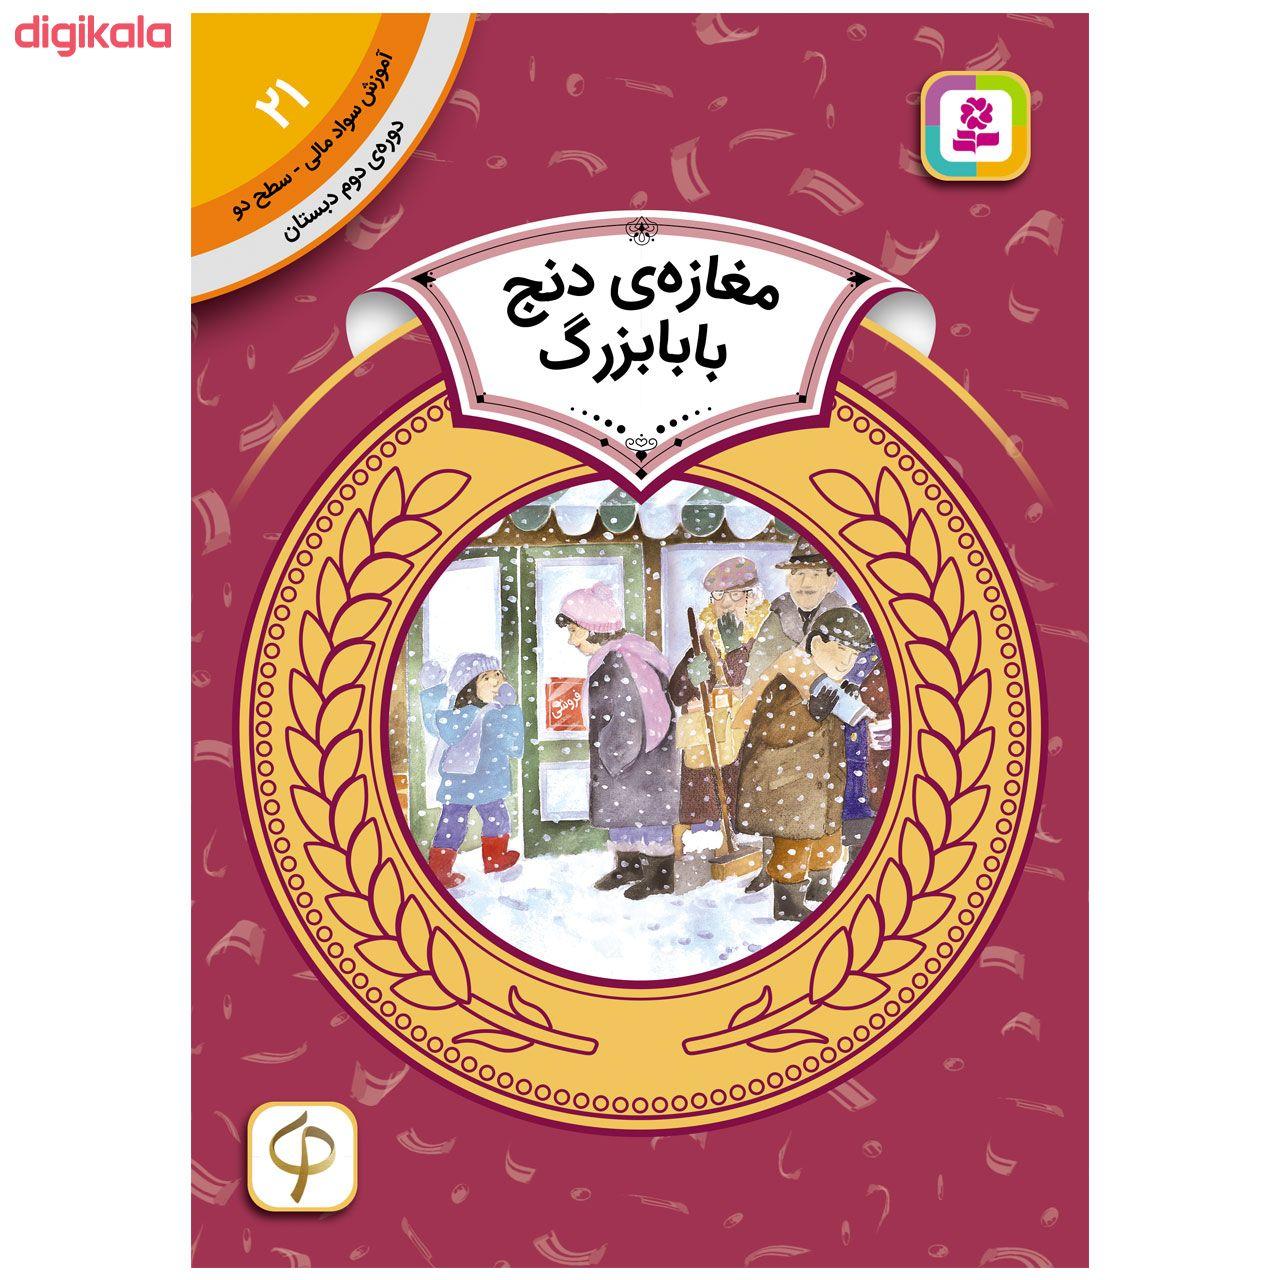 کتاب آموزش سواد مالی سطح دو مغازه ی دنج بابا بزرگ اثر دیان دیسلورایان انتشارات قدیانی main 1 1